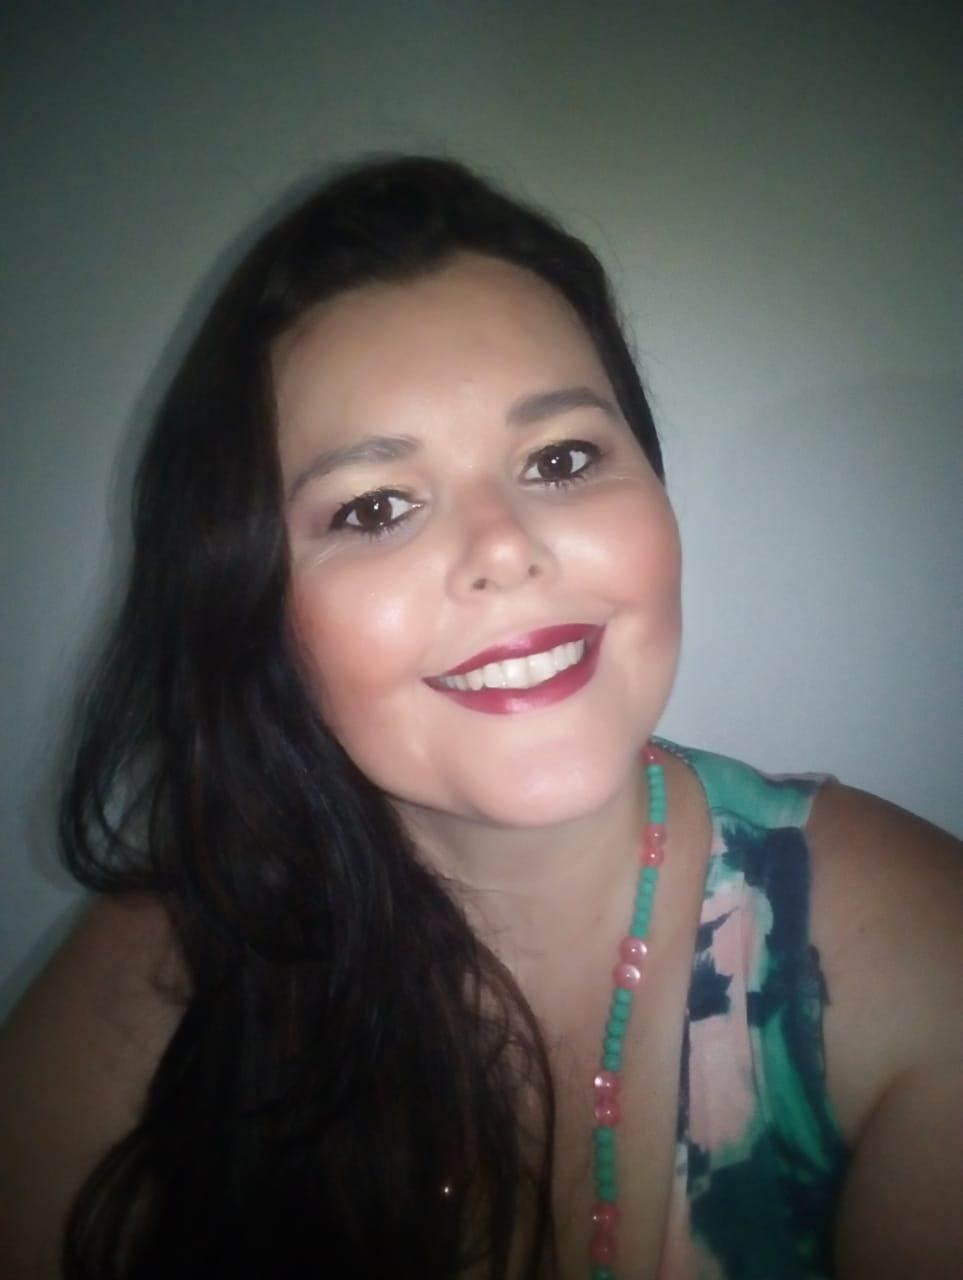 Rita Teixeira